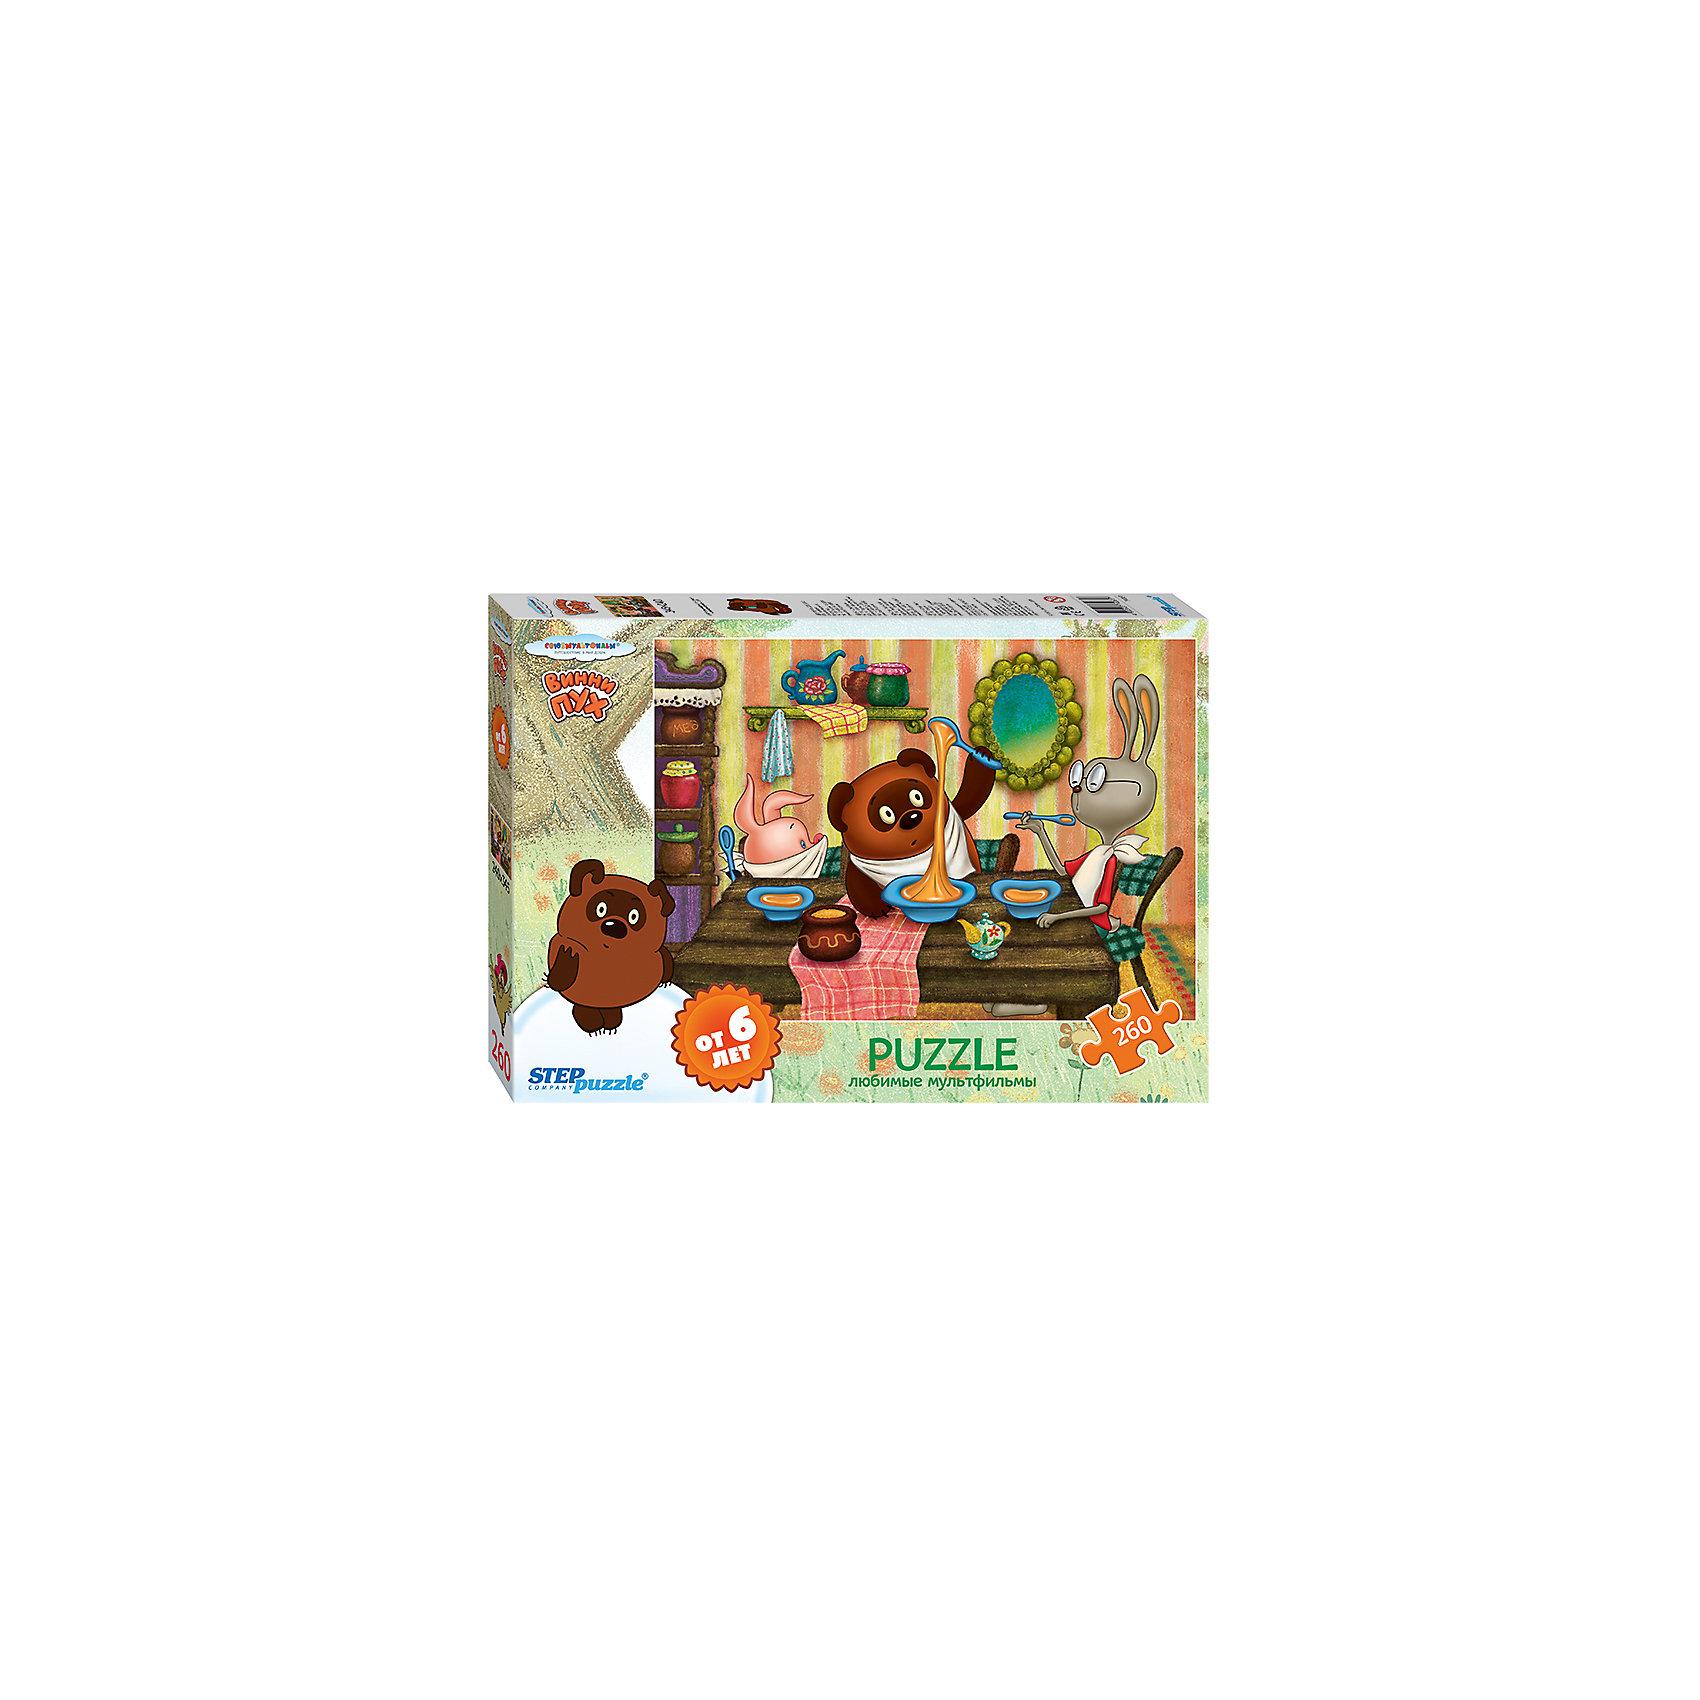 Пазл Винни Пух, 260 деталей, Step PuzzleПазл Винни Пух, 260 деталей, Step Puzzle (Степ Пазл) – это замечательный красочный пазл с изображением любимых героев.<br>Пазлы «Союзмультфильм» от Step Puzzle (Степ Пазл) – напомнят о любимых сказочных героях знакомых с детства мультфильмов. Подарите ребенку чудесный пазл Винни Пух, и он будет увлеченно подбирать детали, пока не составит яркую и интересную картинку, на которой Винни Пух и Пятачок пришли в гости к Кролику. Сборка пазла Винни Пух от Step Puzzle (Степ Пазл) подарит Вашему ребенку не только множество увлекательных вечеров, но и принесет пользу для развития. Координация, моторика, внимательность легко тренируются, пока ребенок увлеченно подбирает детали. Качественные фрагменты пазла отлично проклеены и идеально подходят один к другому, поэтому сборка пазла обеспечит малышу только положительные эмоции. Вы будете использовать этот пазл не один год, ведь благодаря качественной нарезке детали не расслаиваются даже после многократного использования.<br><br>Дополнительная информация:<br><br>- Количество деталей: 260<br>- Материал: картон<br>- Размер собранной картинки: 34,5х24 см.<br>- Отличная проклейка<br>- Долгий срок службы<br>- Детали идеально подходят друг другу<br>- Яркий сюжет<br>- Упаковка: картонная коробка<br>- Размер упаковки: 280x40x195 мм.<br>- Вес: 400 гр.<br><br>Пазл Винни Пух, 260 деталей, Step Puzzle (Степ Пазл) можно купить в нашем интернет-магазине.<br><br>Ширина мм: 280<br>Глубина мм: 40<br>Высота мм: 195<br>Вес г: 400<br>Возраст от месяцев: 72<br>Возраст до месяцев: 192<br>Пол: Унисекс<br>Возраст: Детский<br>Количество деталей: 260<br>SKU: 4588286